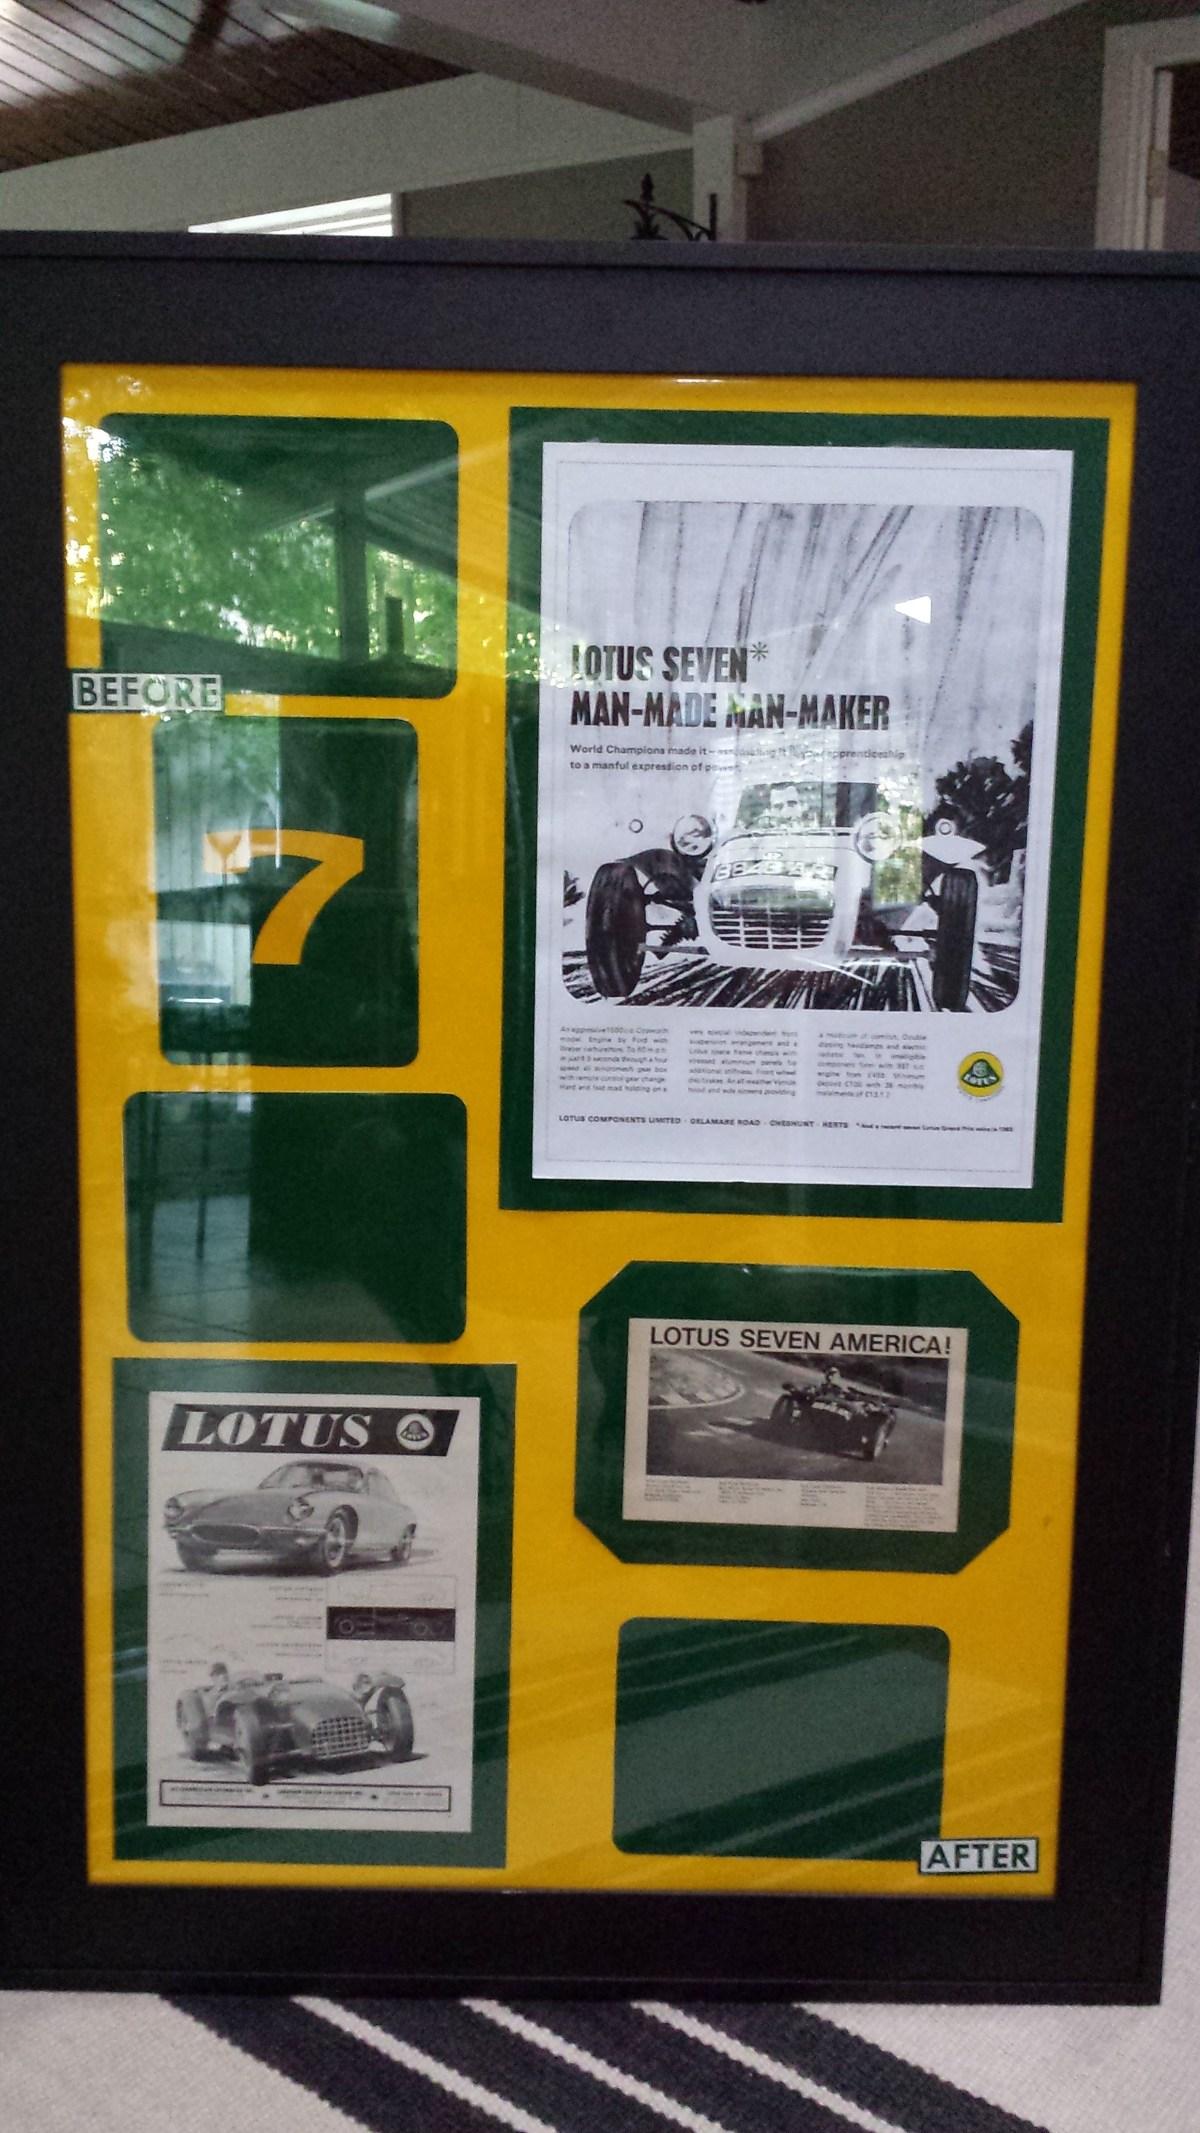 Lotus 7 frame